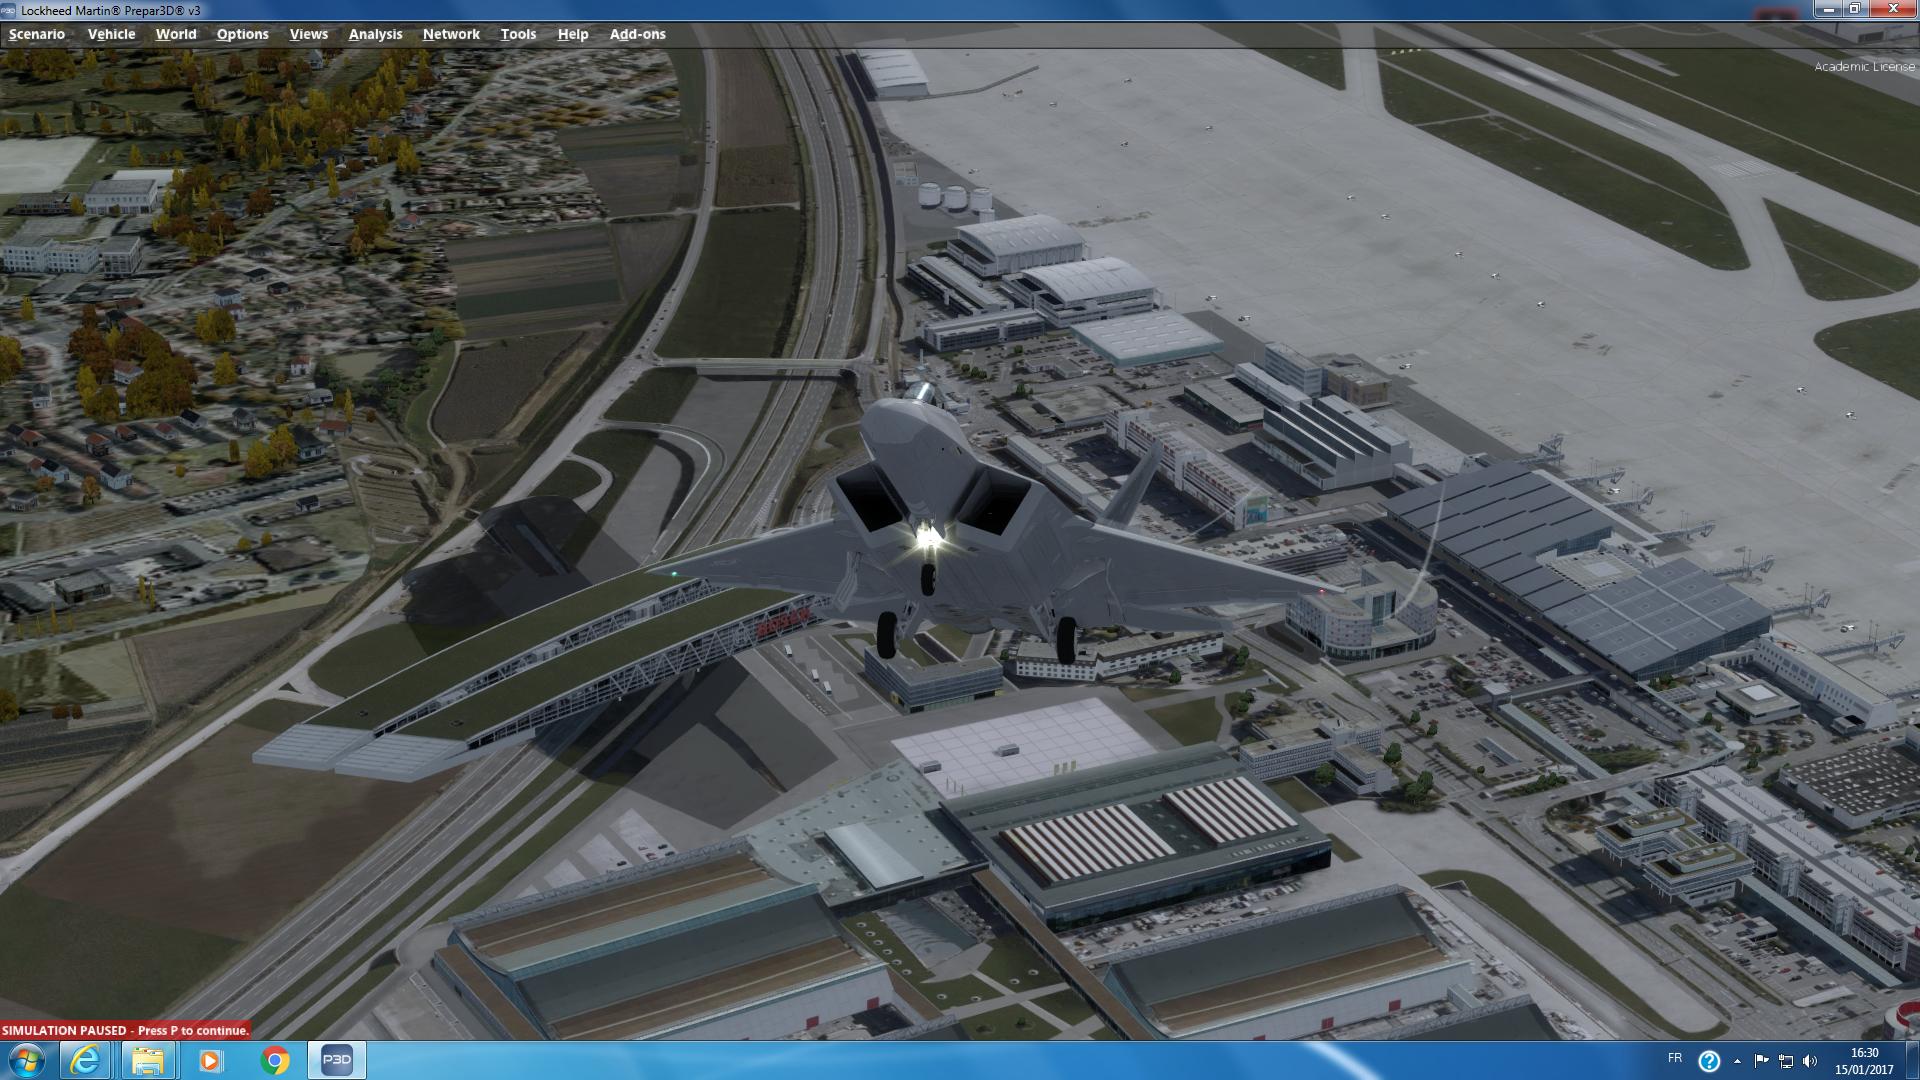 Graphic problem EDDS, EDDK, EDDV - Aerosoft Scenery